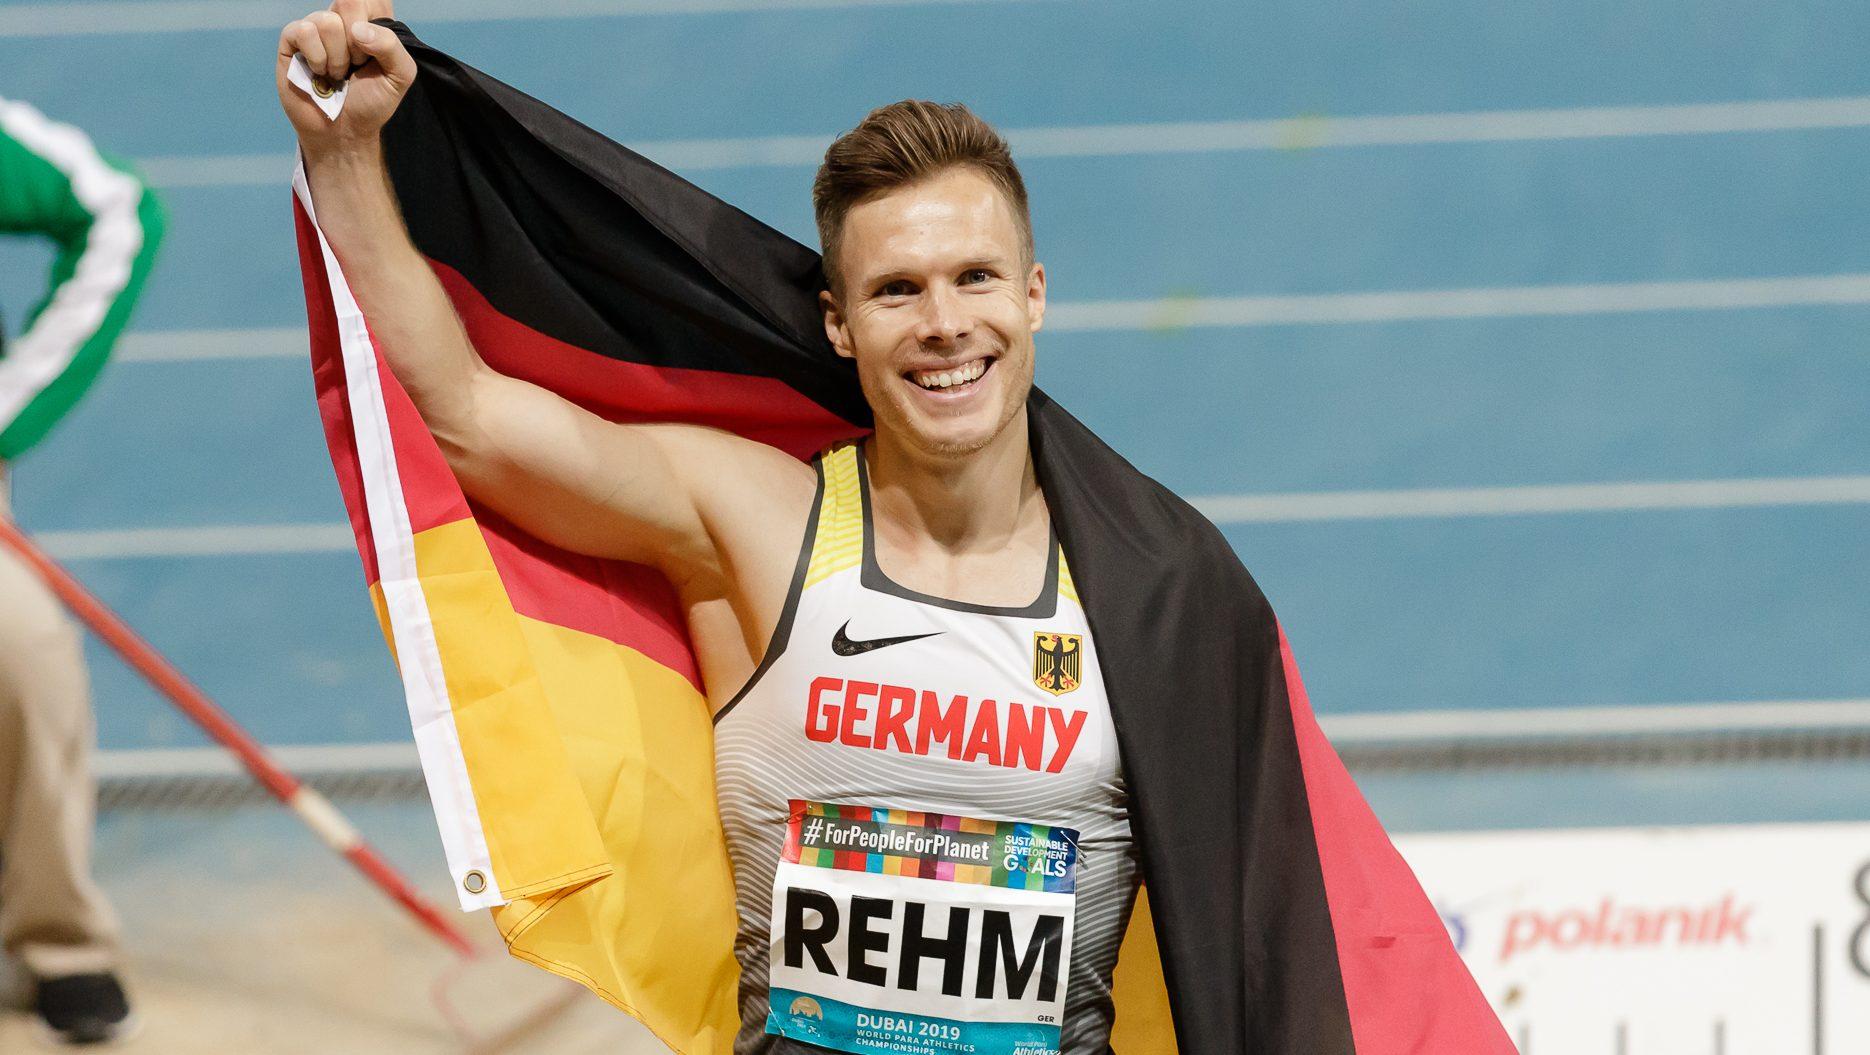 Rehm ist Parasportler des Jahrzehnts